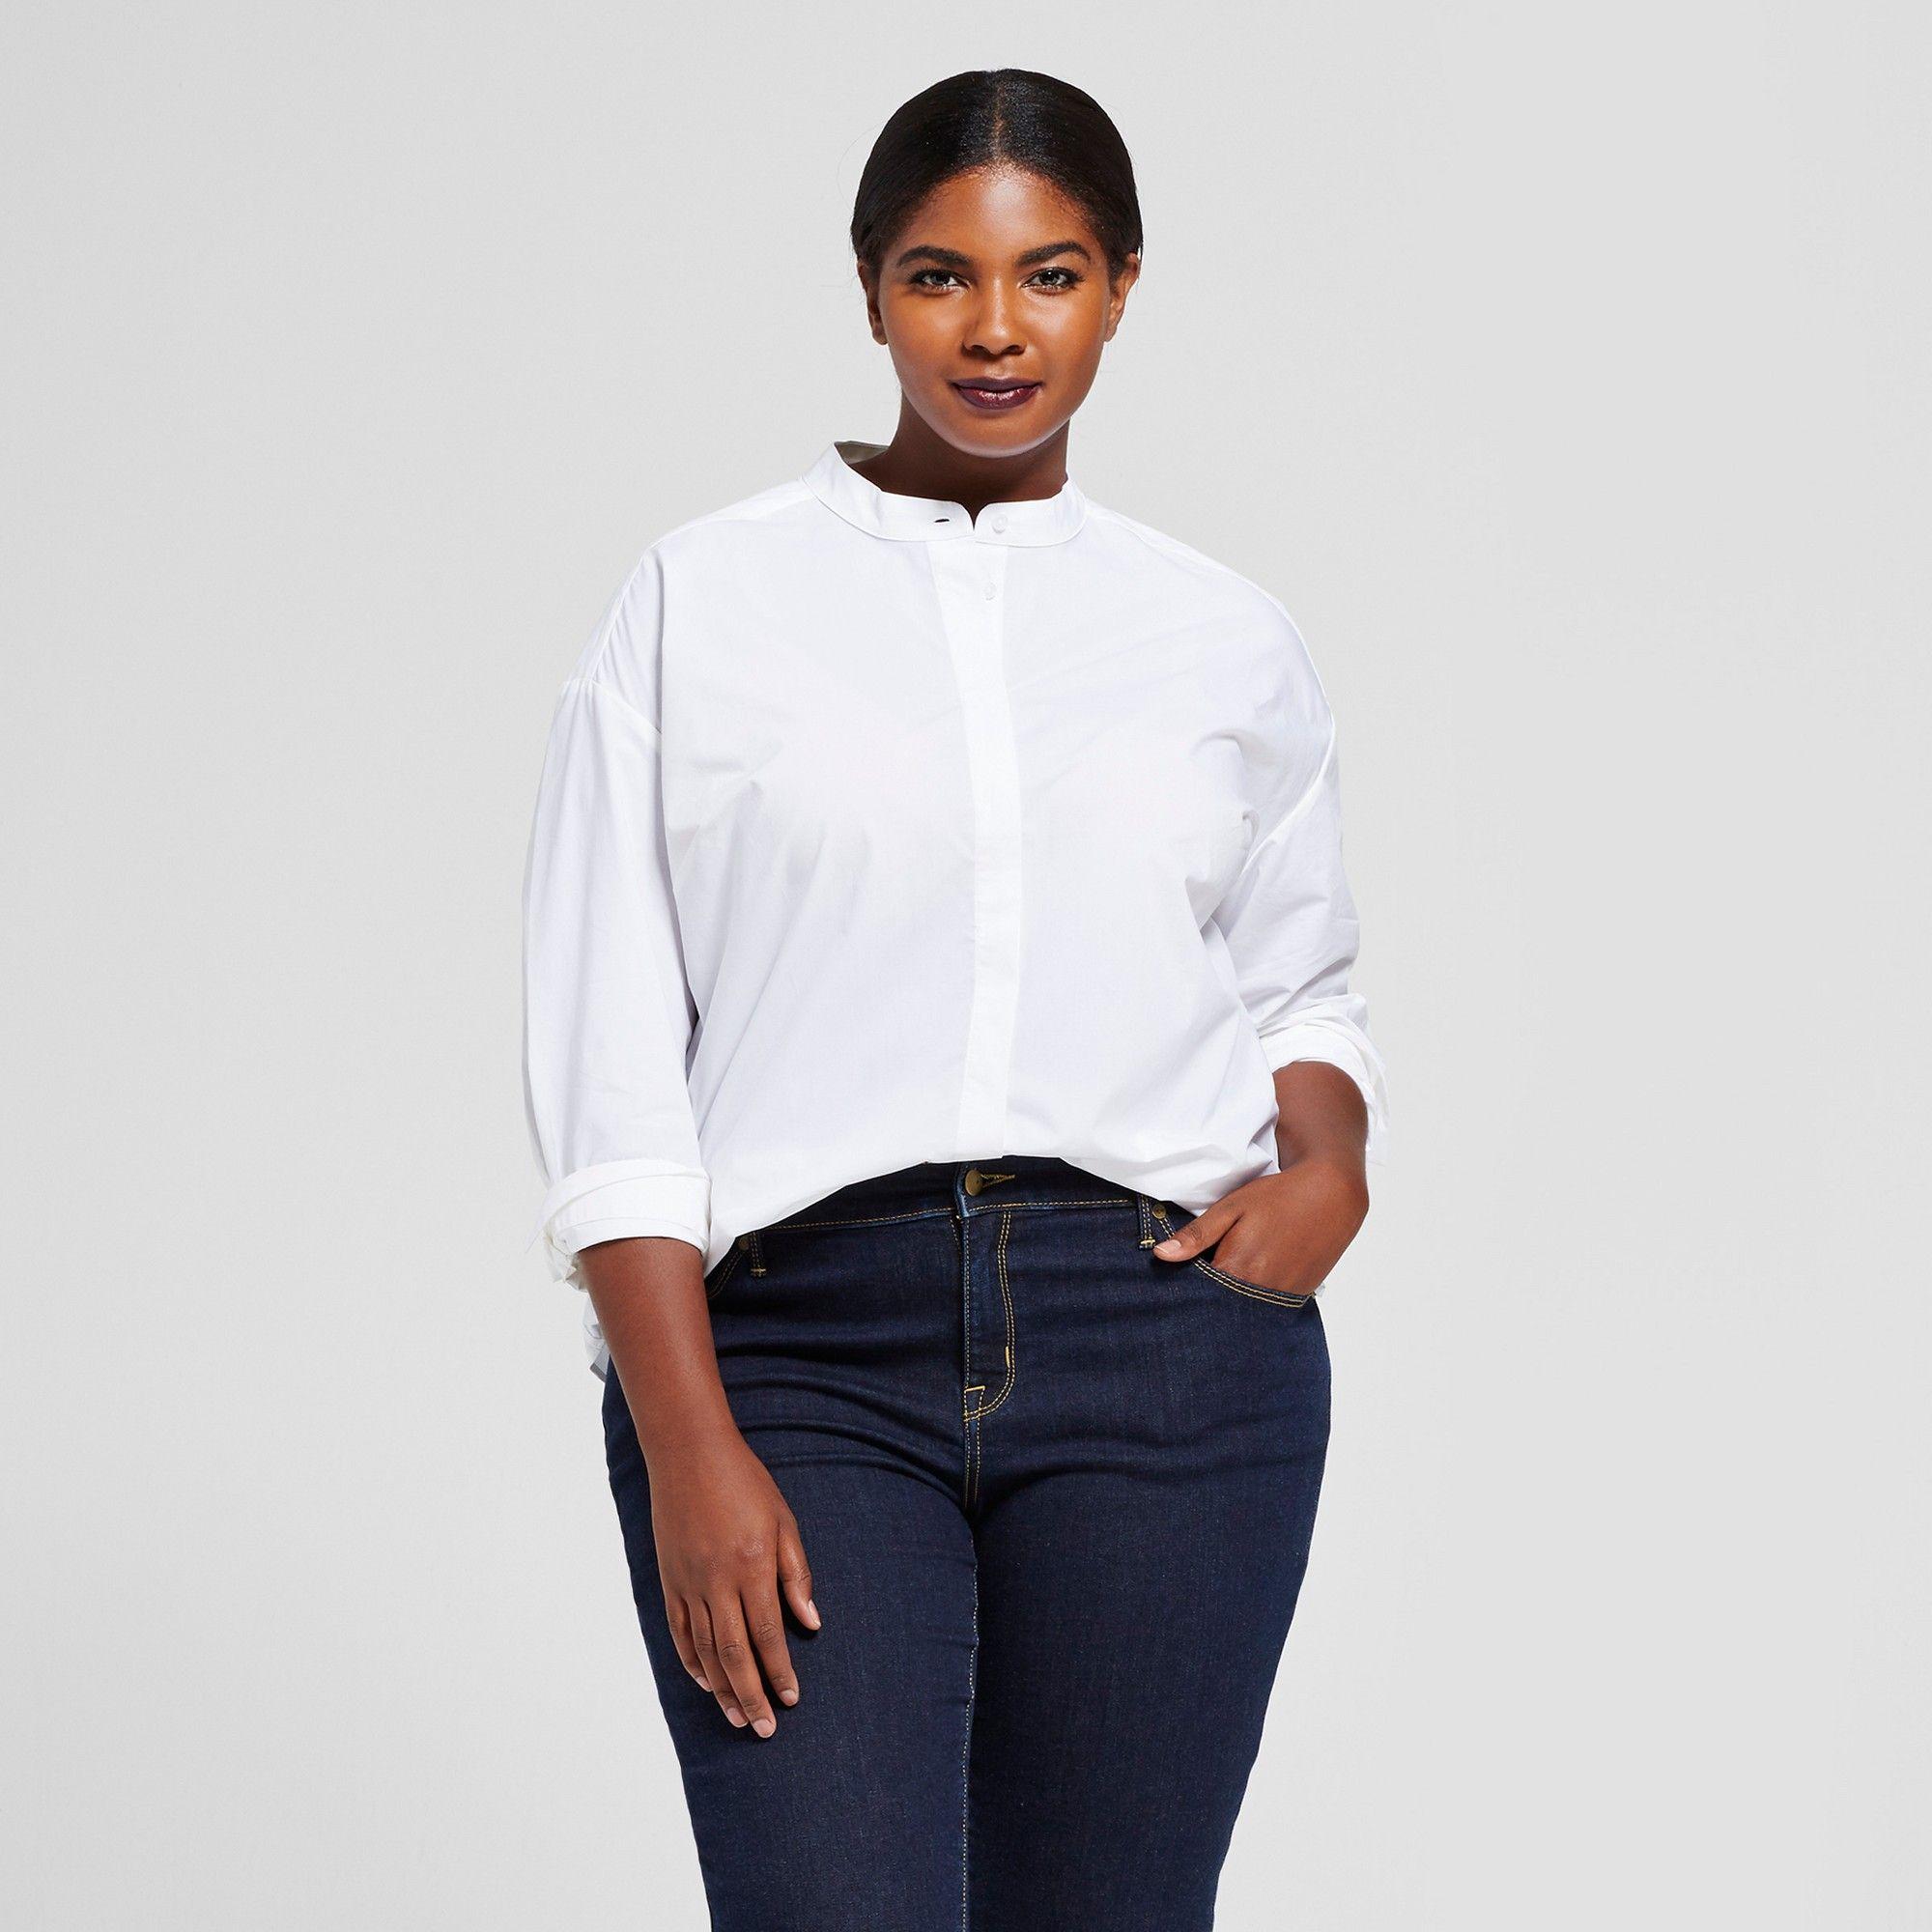 c0252f77c0e7e Mandarin Collar Shirt Plus Size